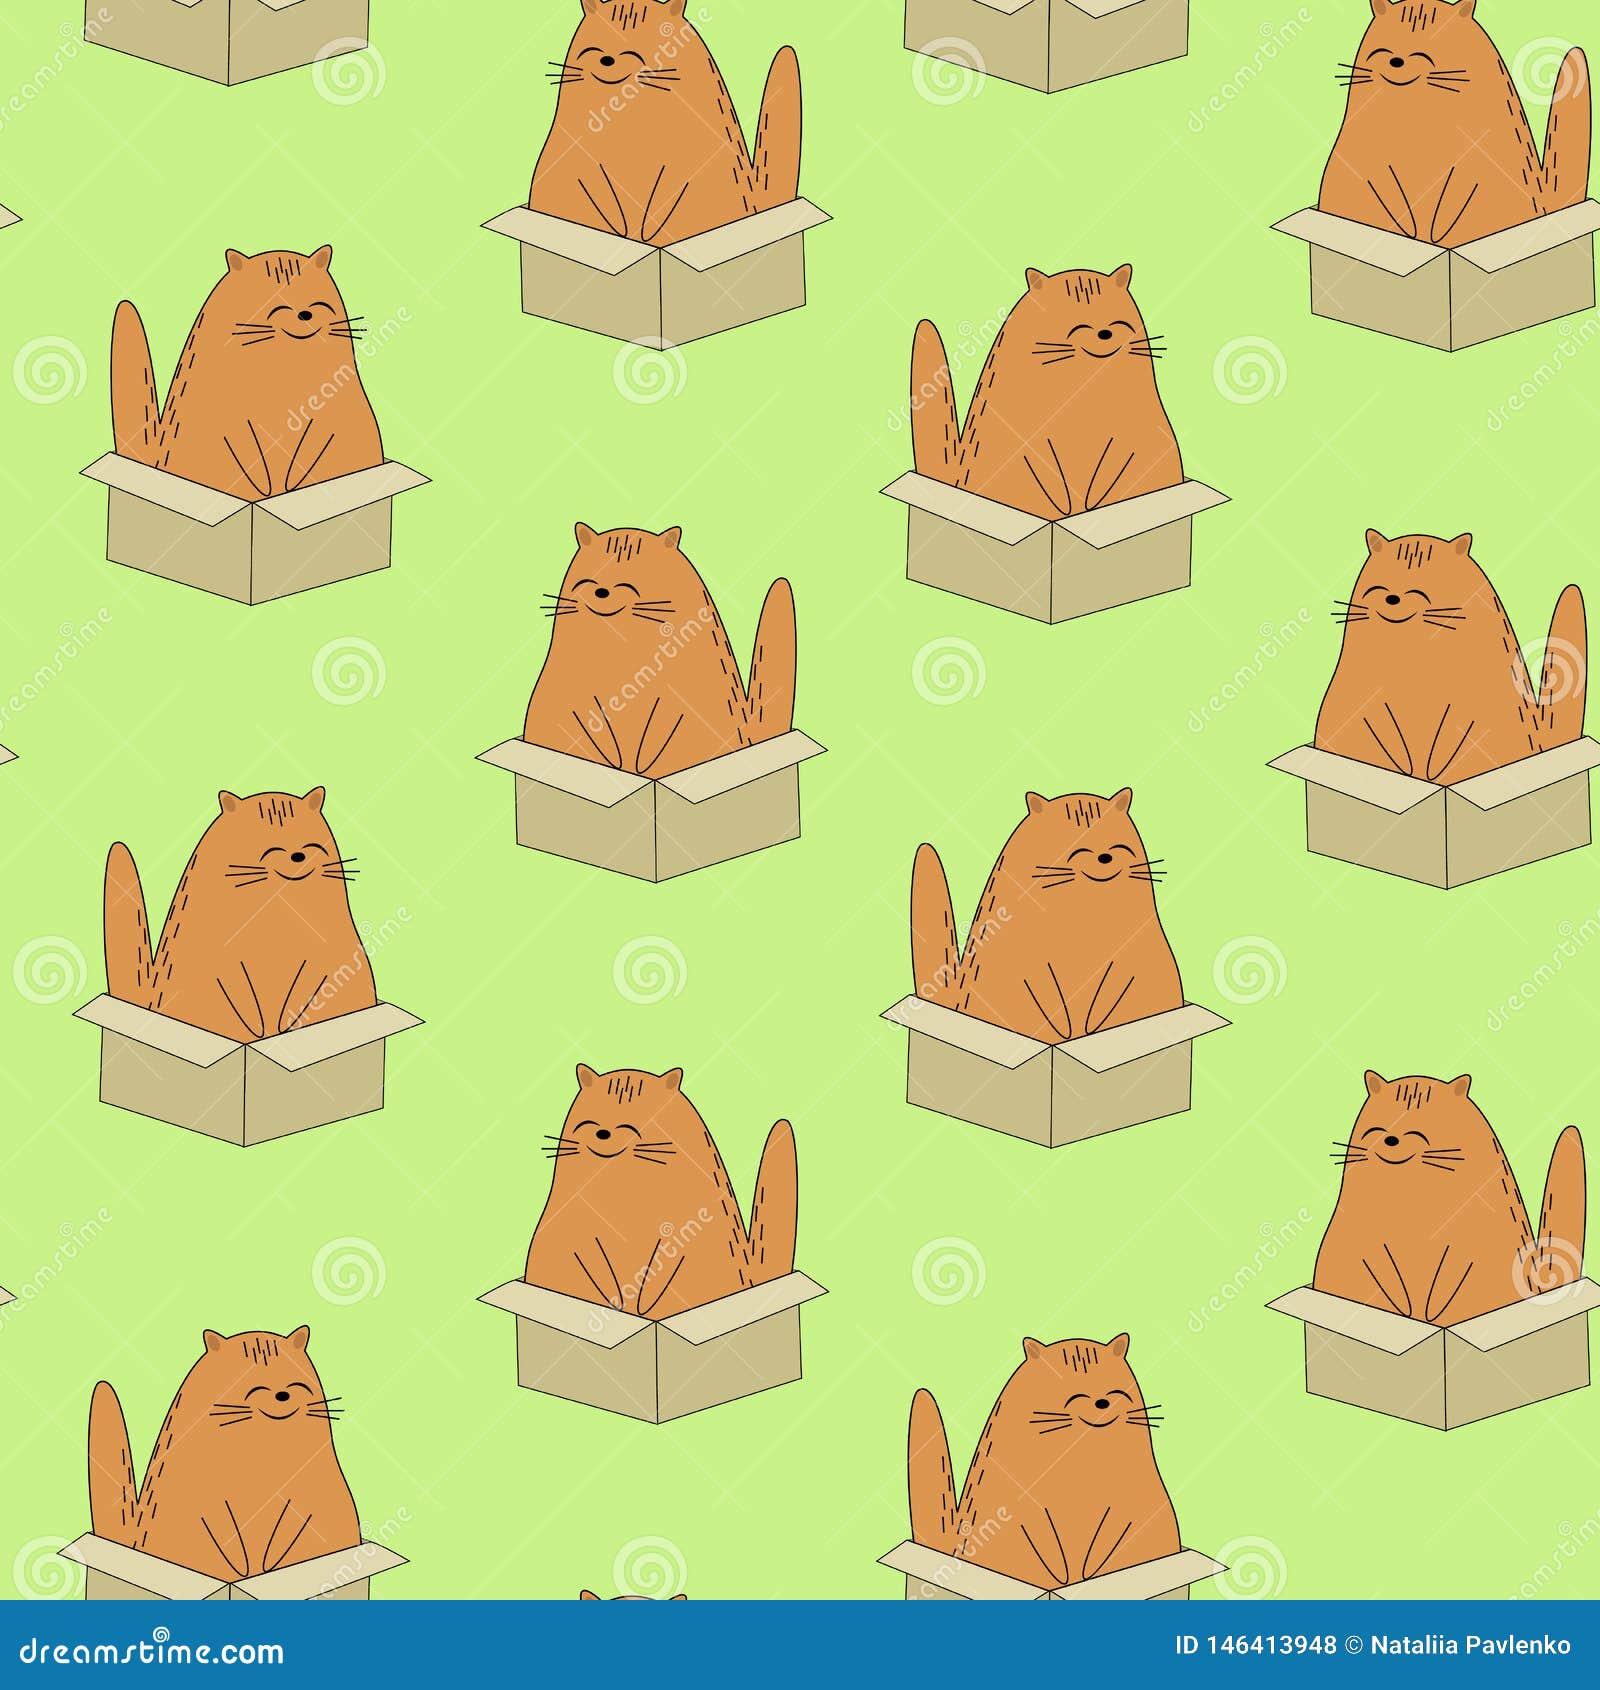 E r 宠物在箱子坐 墙纸和背景美丽的